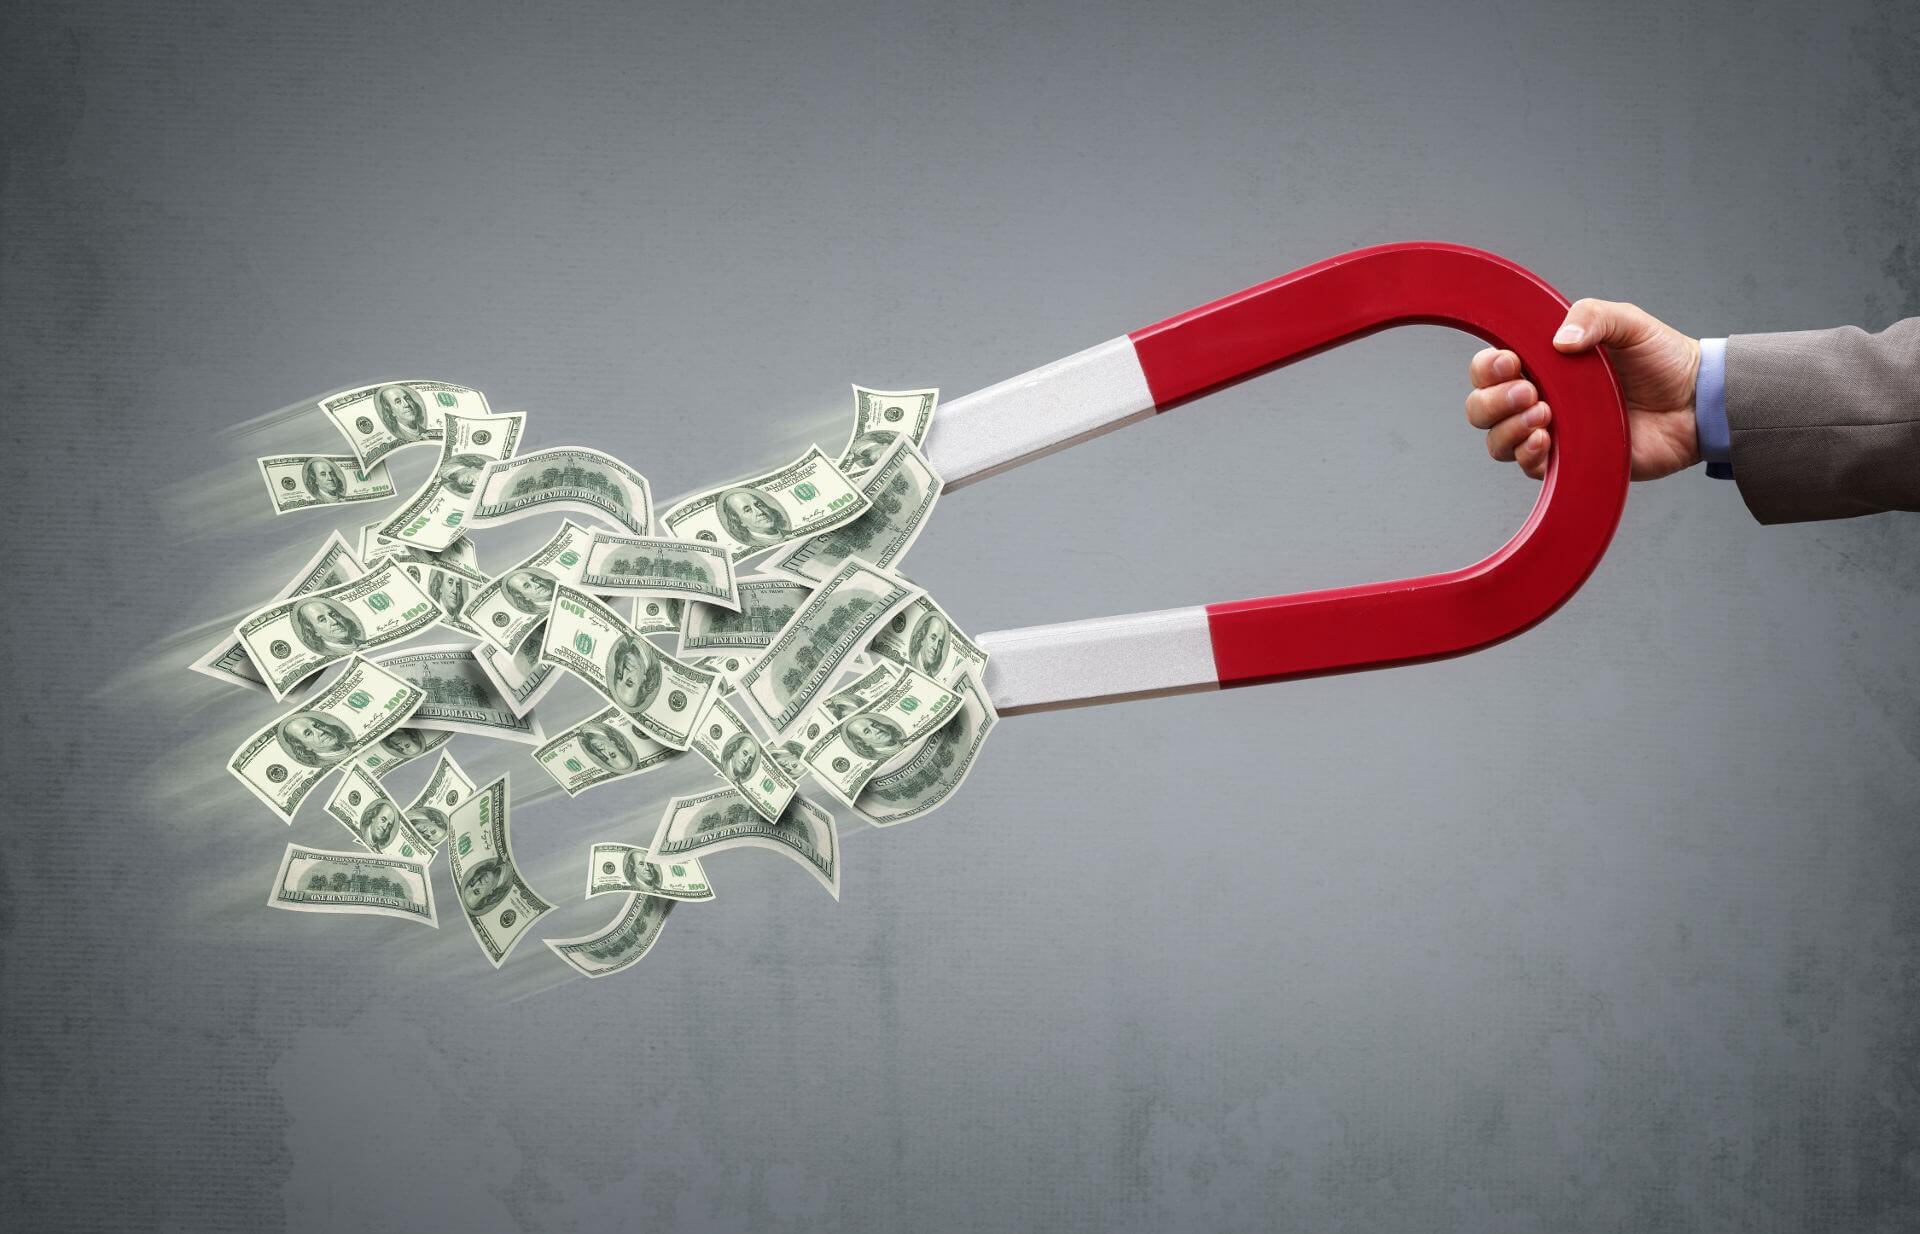 картинки денежный магнит специально